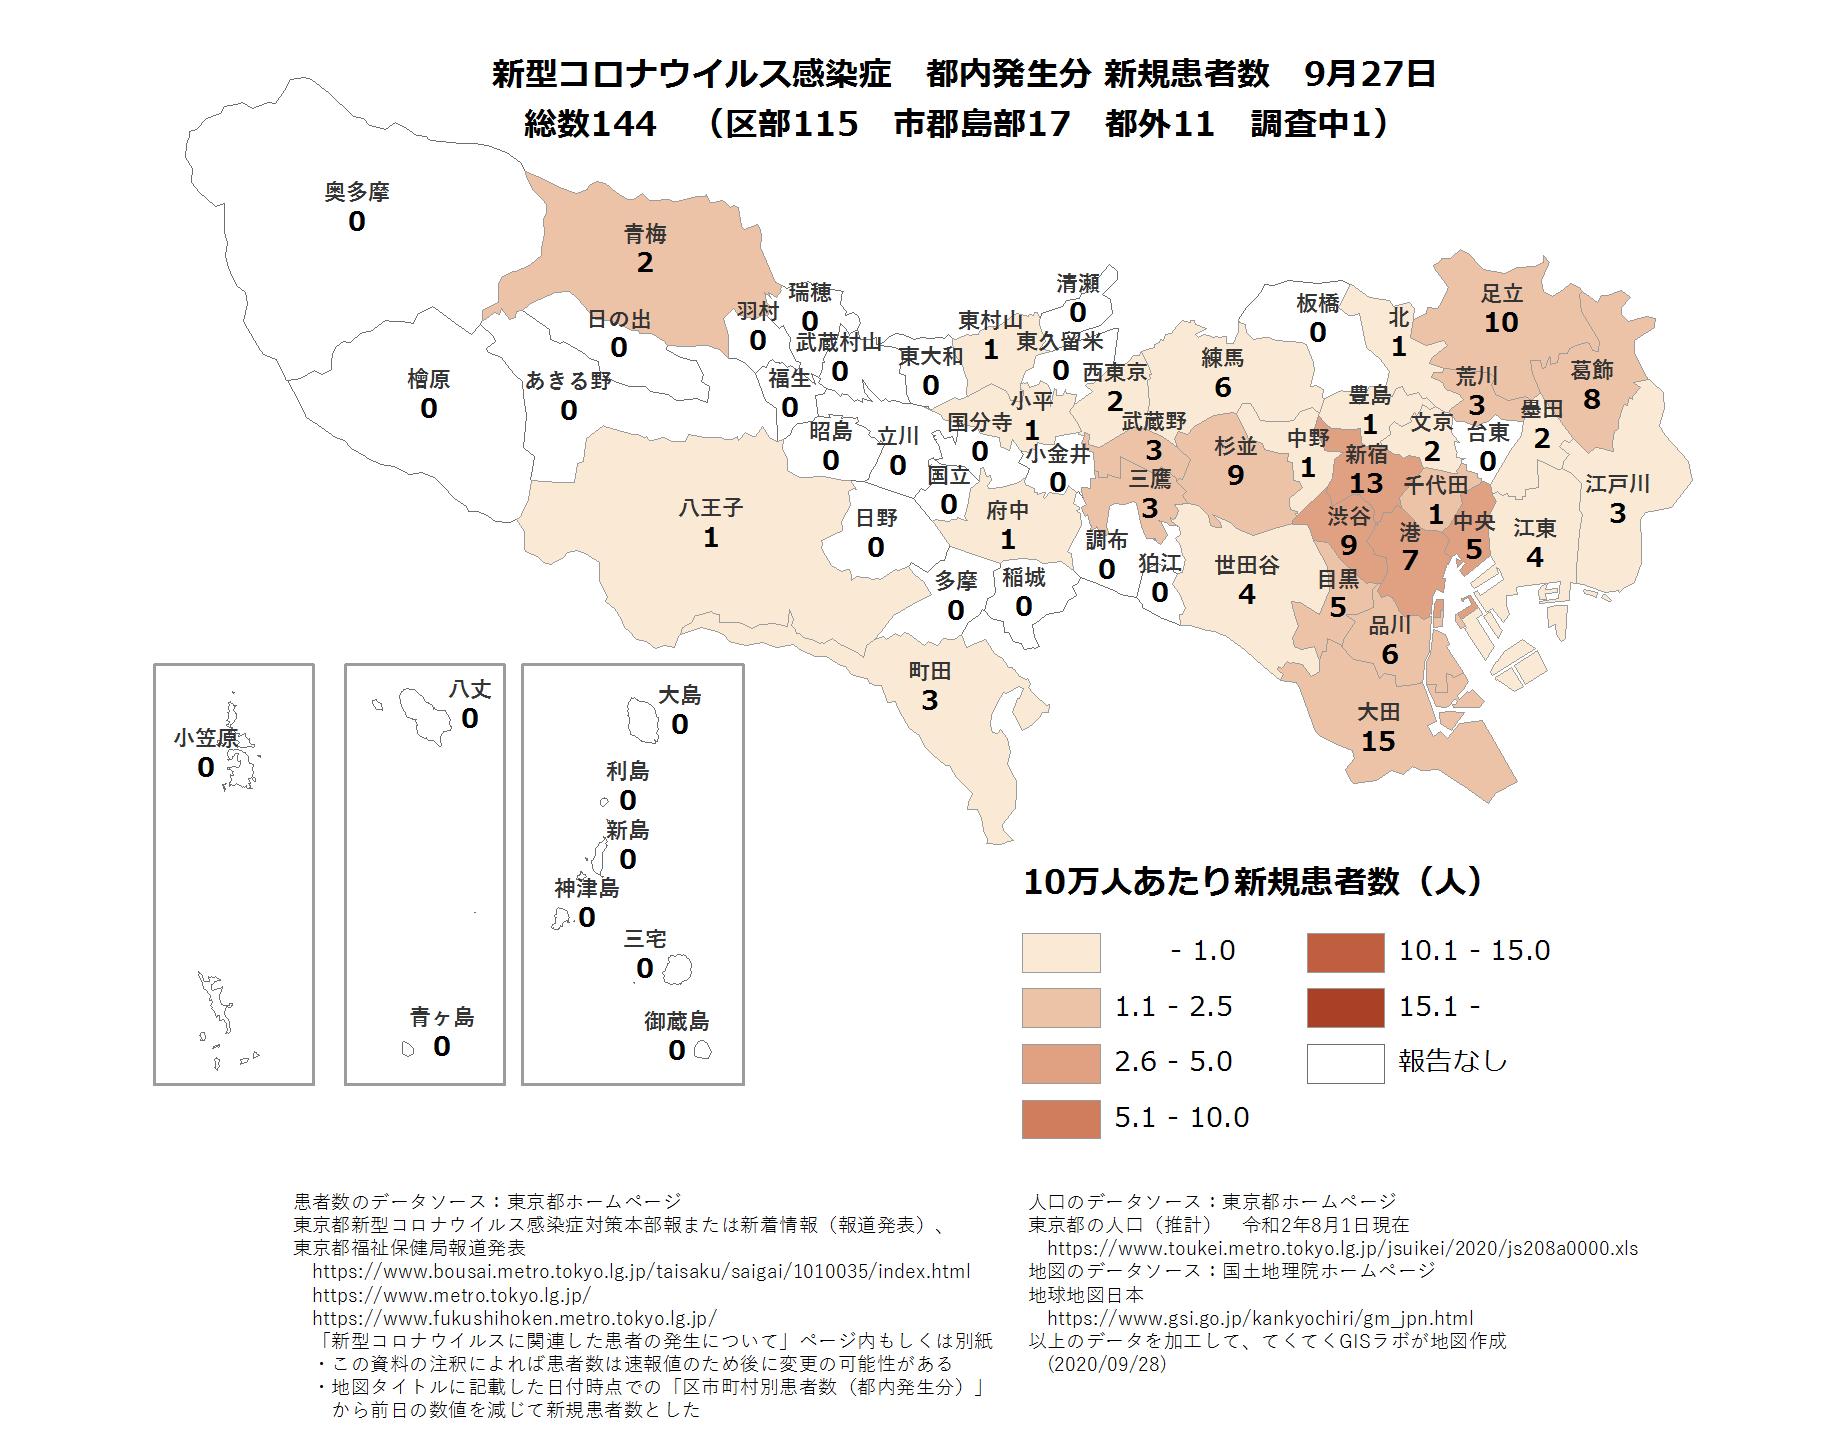 市区町村ごと新規患者数9月27日東京